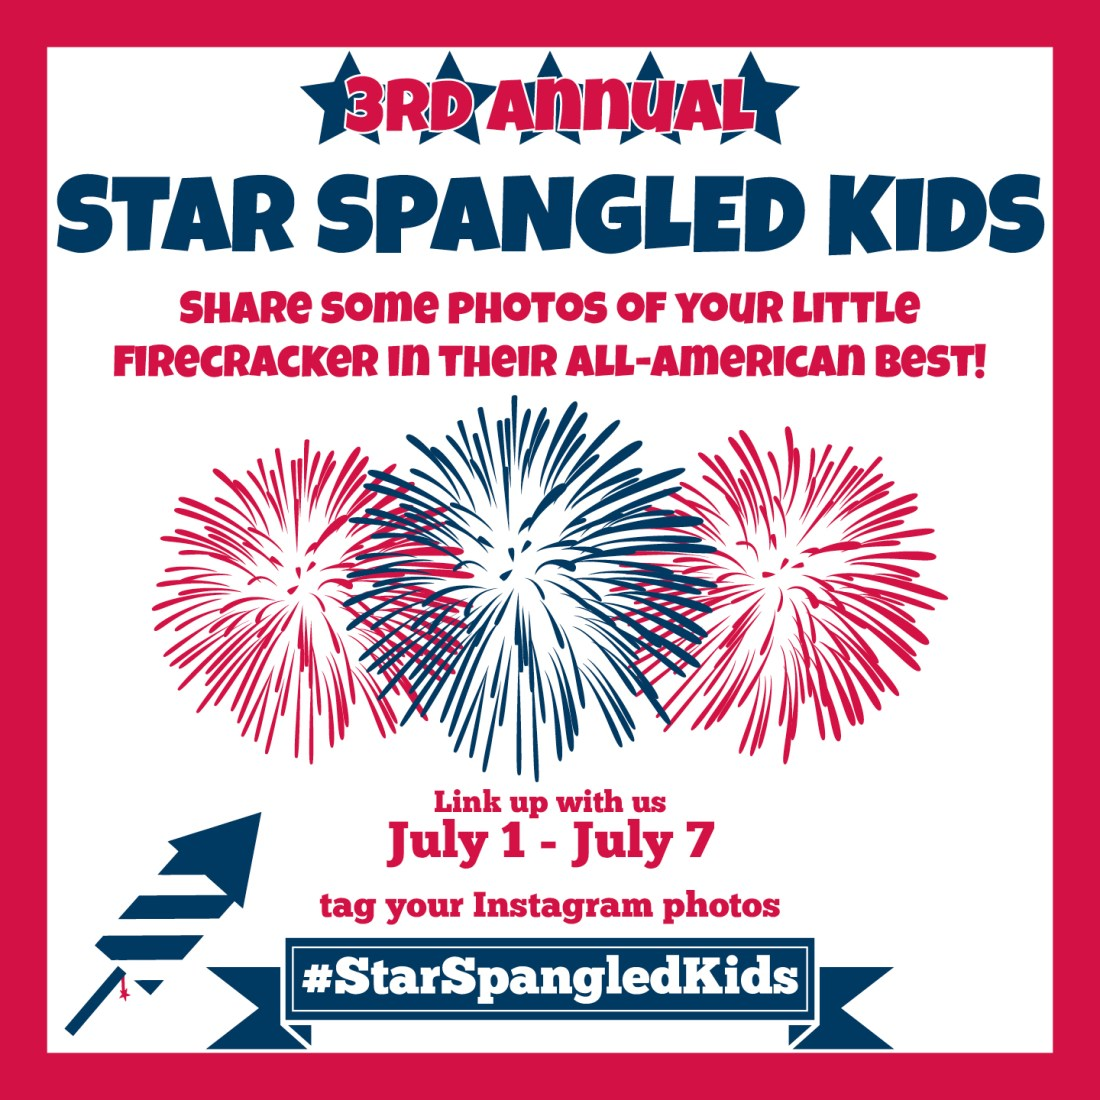 Star Spangled Kids 2017 [#StarSpangledKids]